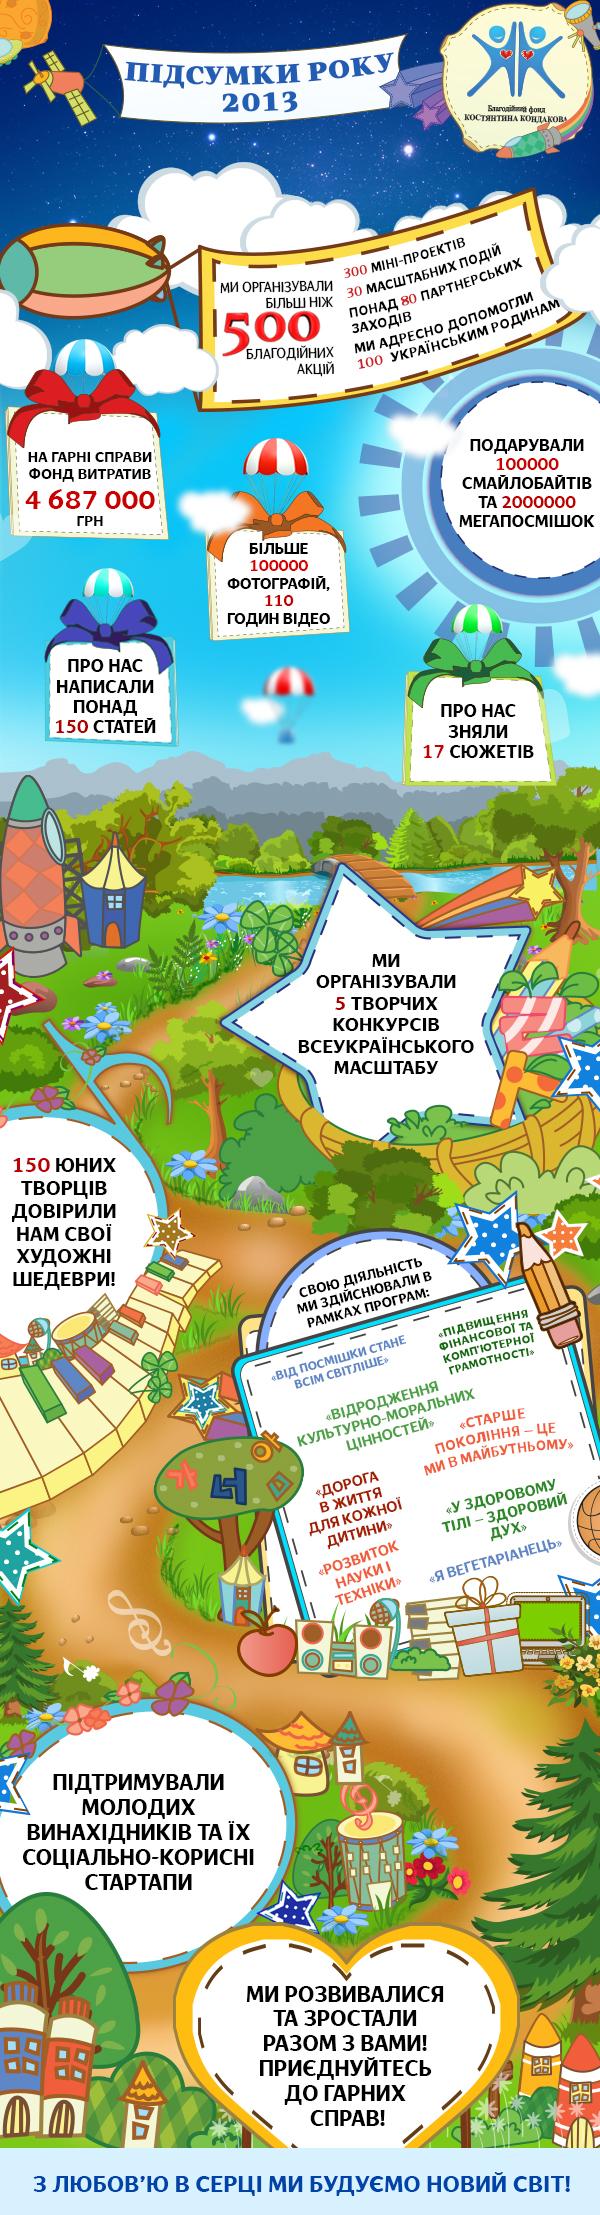 UKR_maket_otchett_600x1700